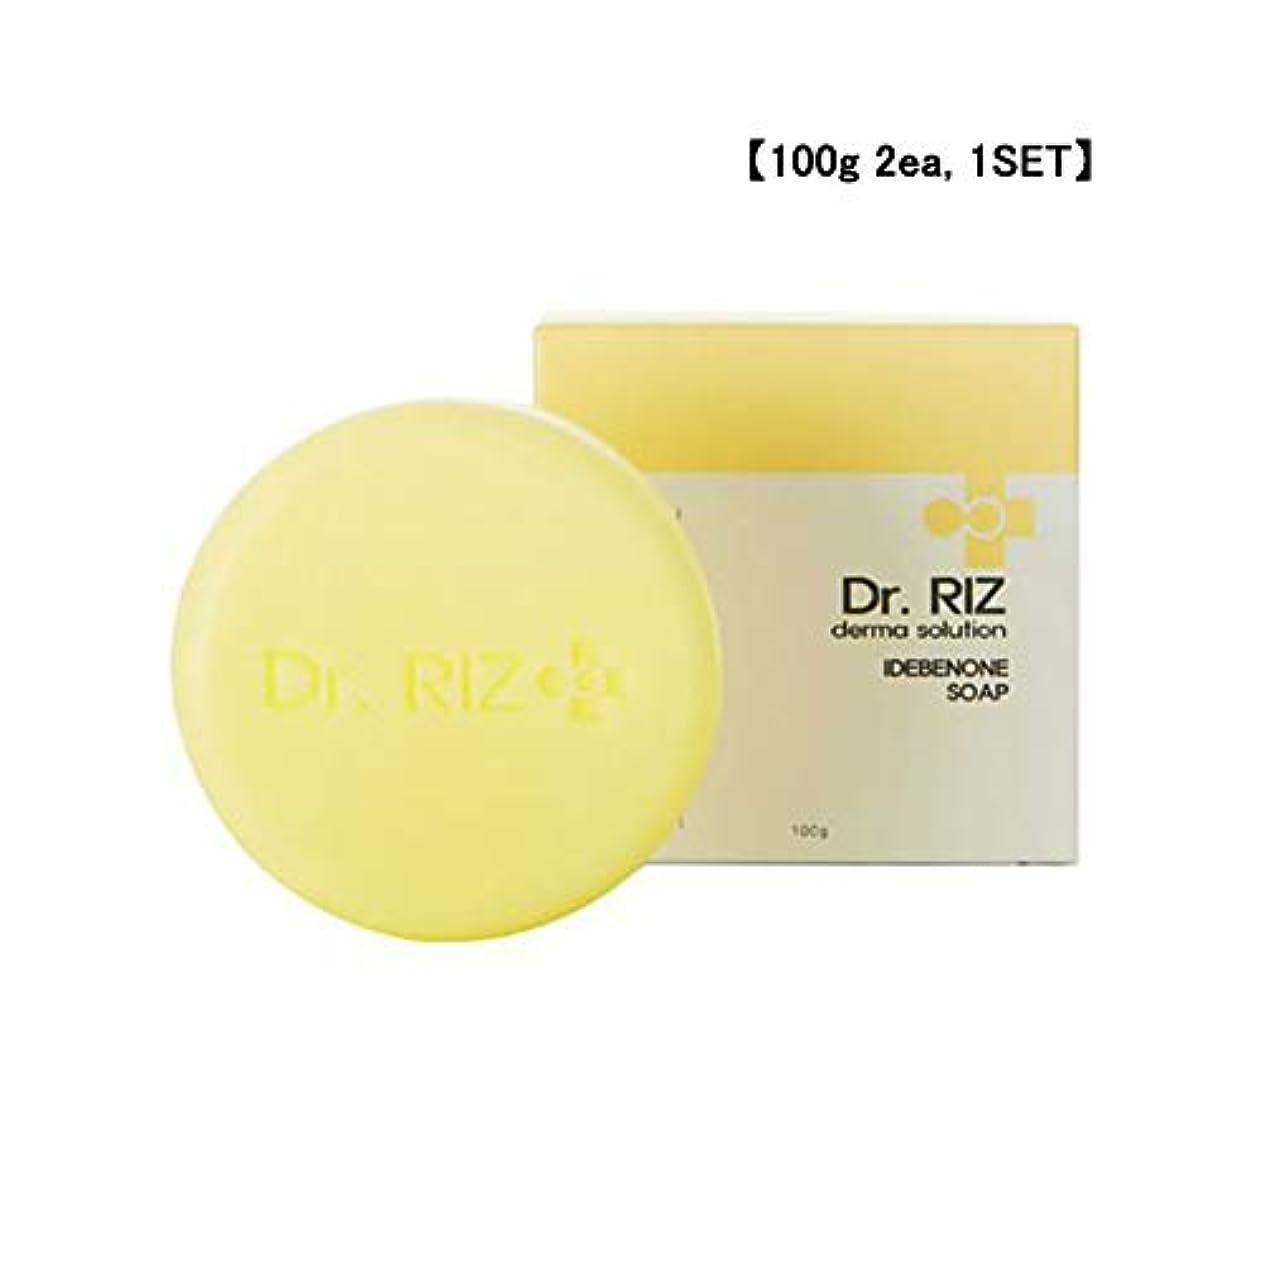 アナウンサークライマックスおばあさん【Dr.RIZ]天然手作り石鹸/イーベノン10,000ppm含有/英国オーガニック認定原料ローズヒップオイル配合/Derma solution [並行輸入品] (100g 2ea)